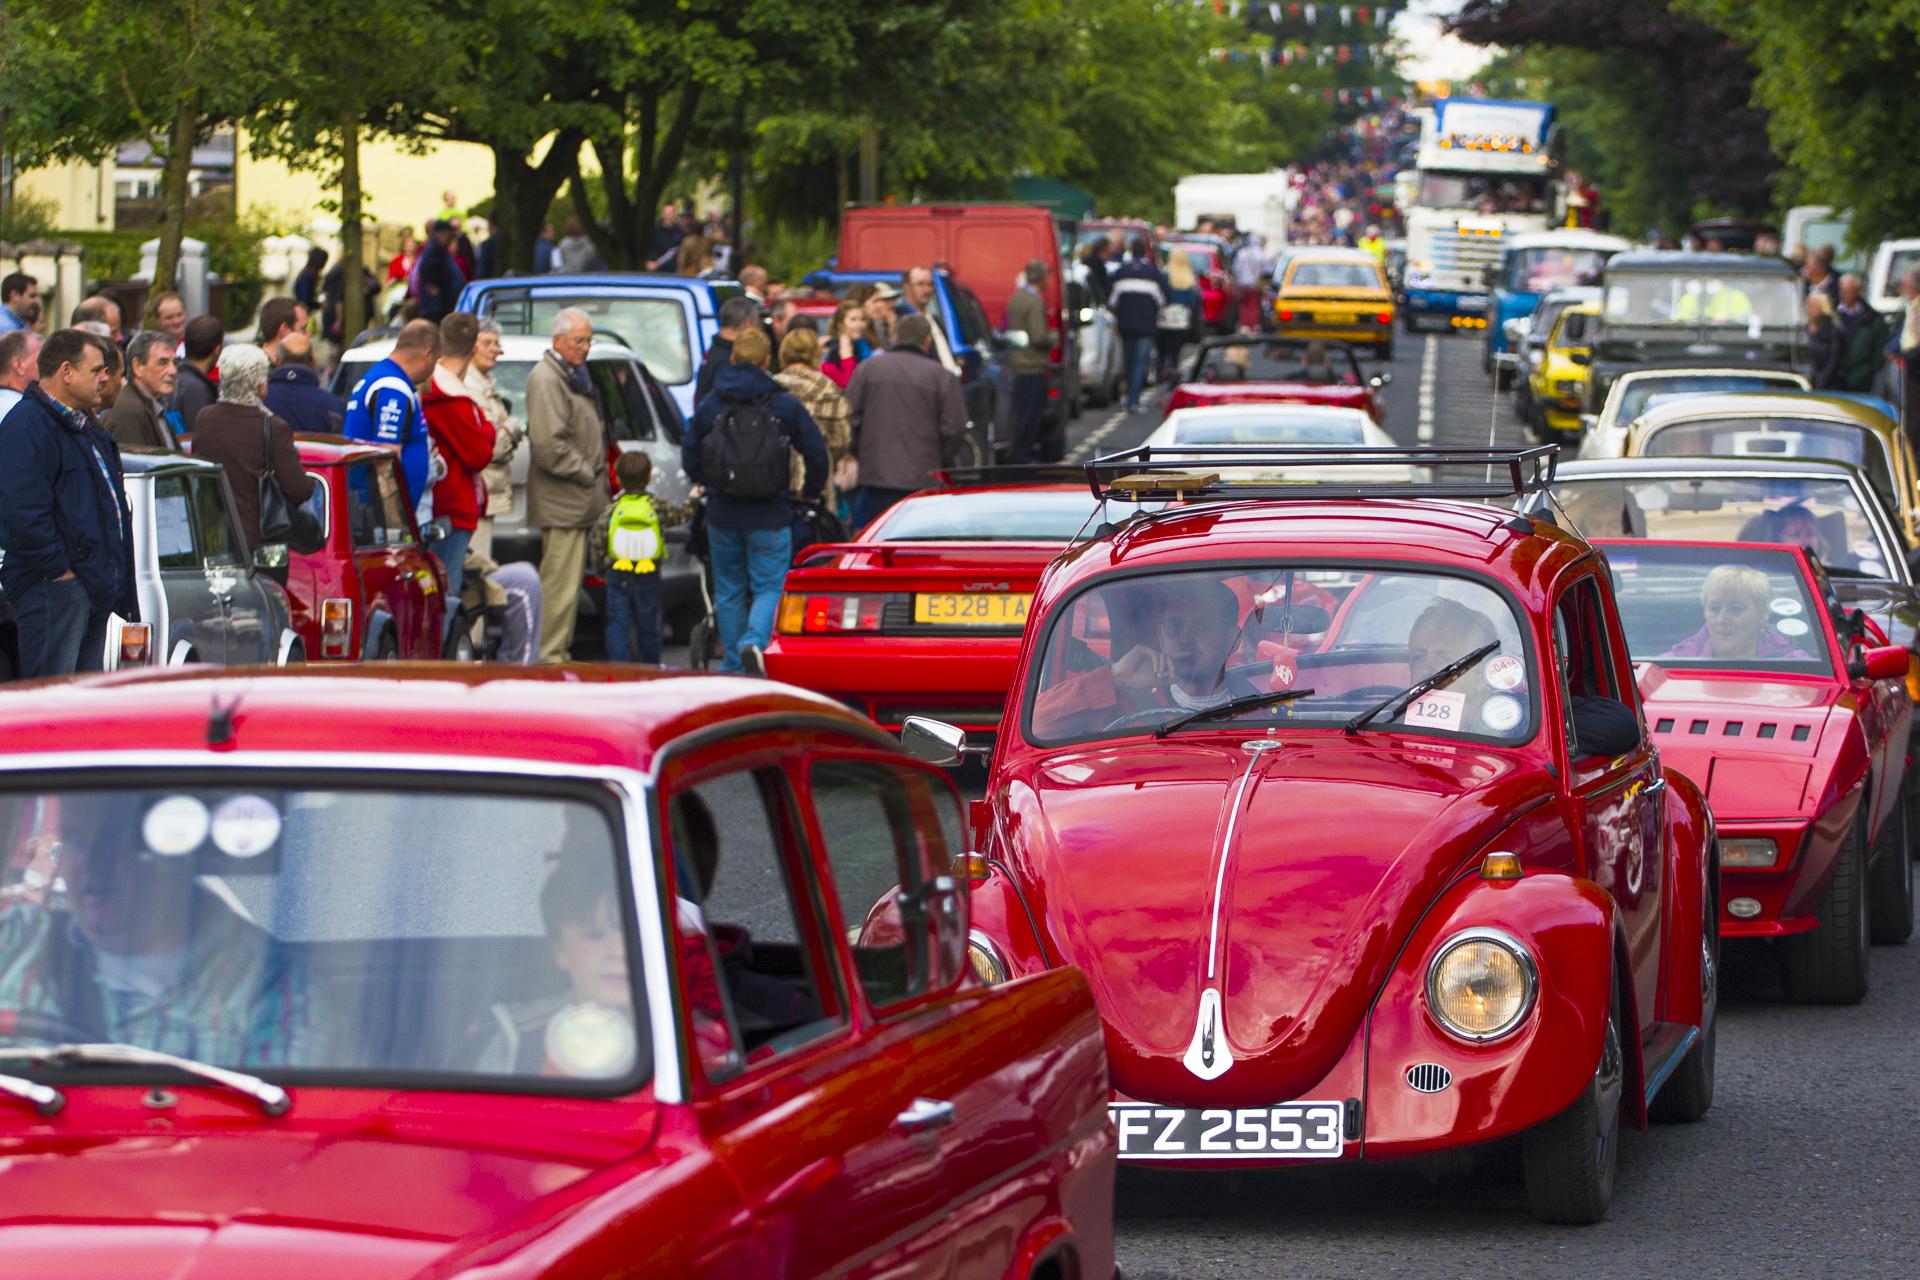 Warringstown Vintage Car Rally